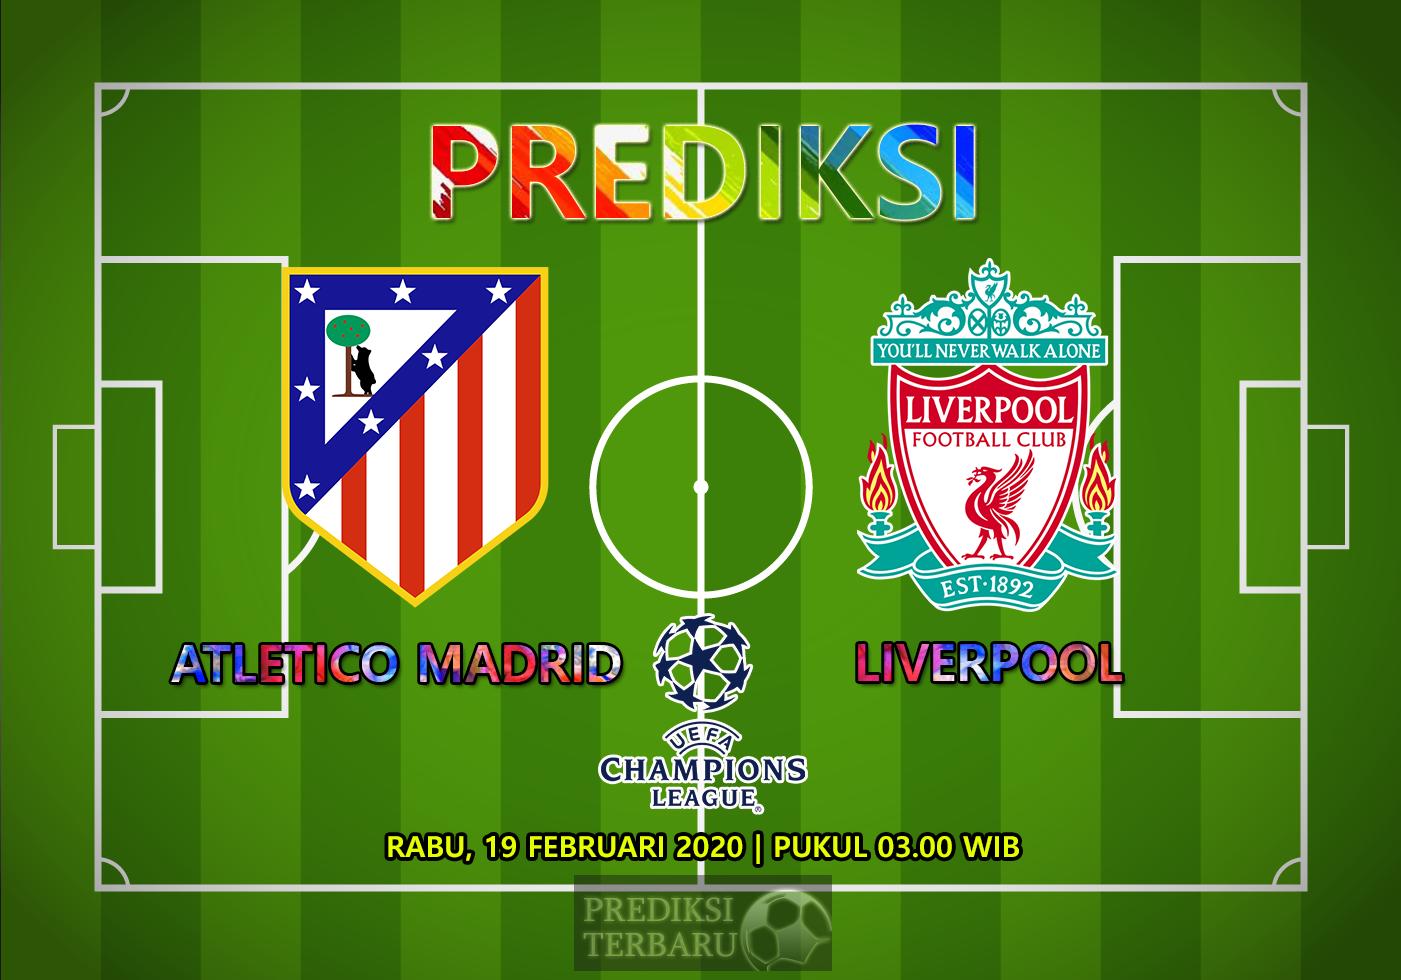 Prediksi Atletico Madrid Vs Liverpool, Rabu 19 Februari